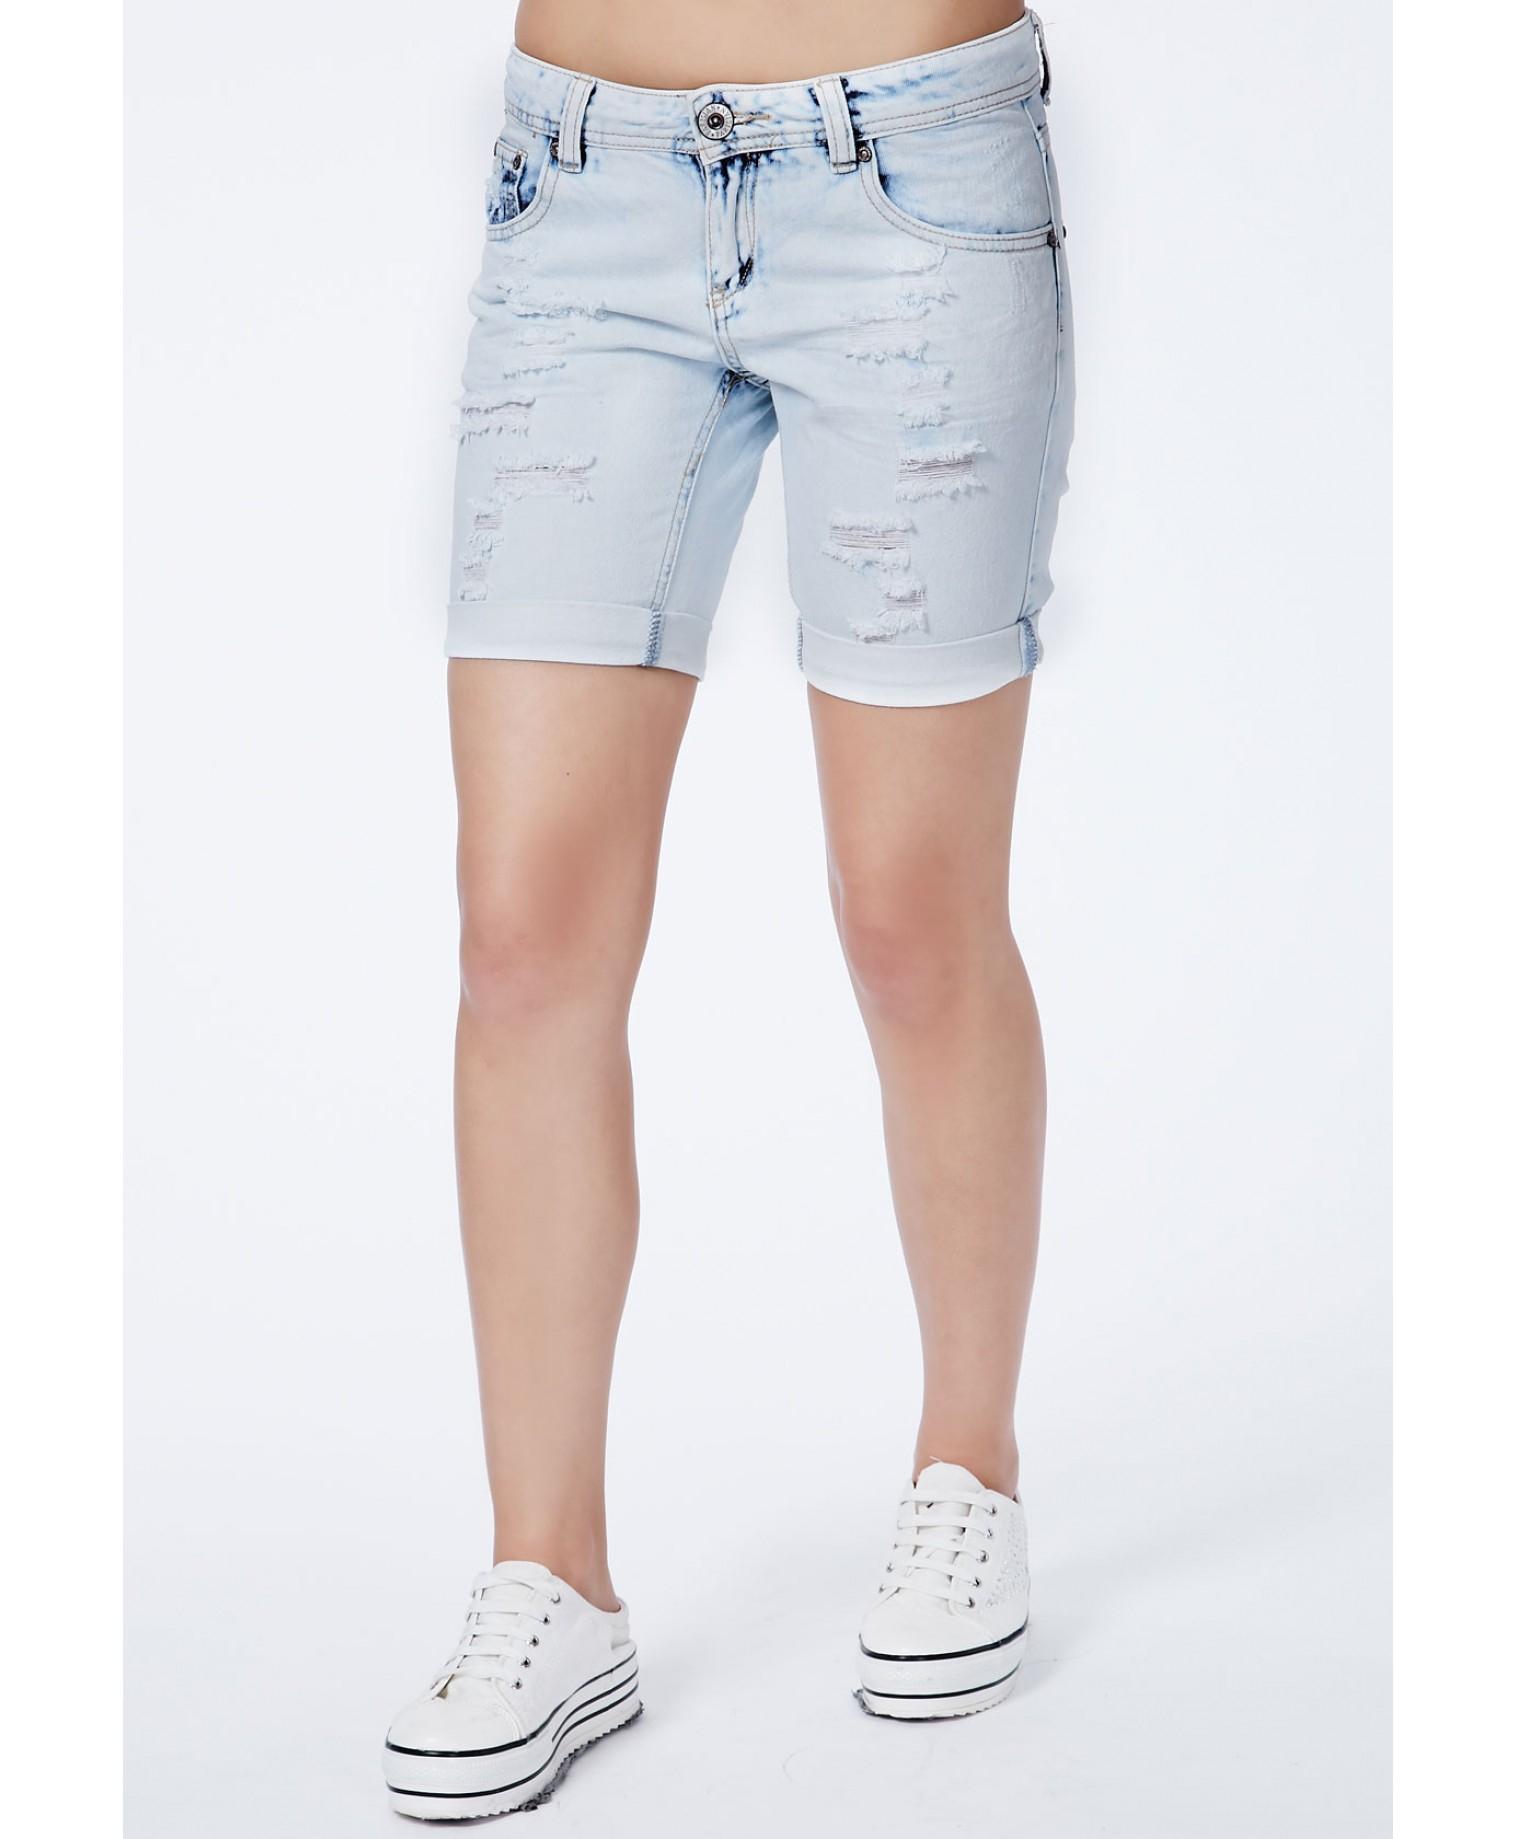 Knee Shorts Denim - Hardon Clothes